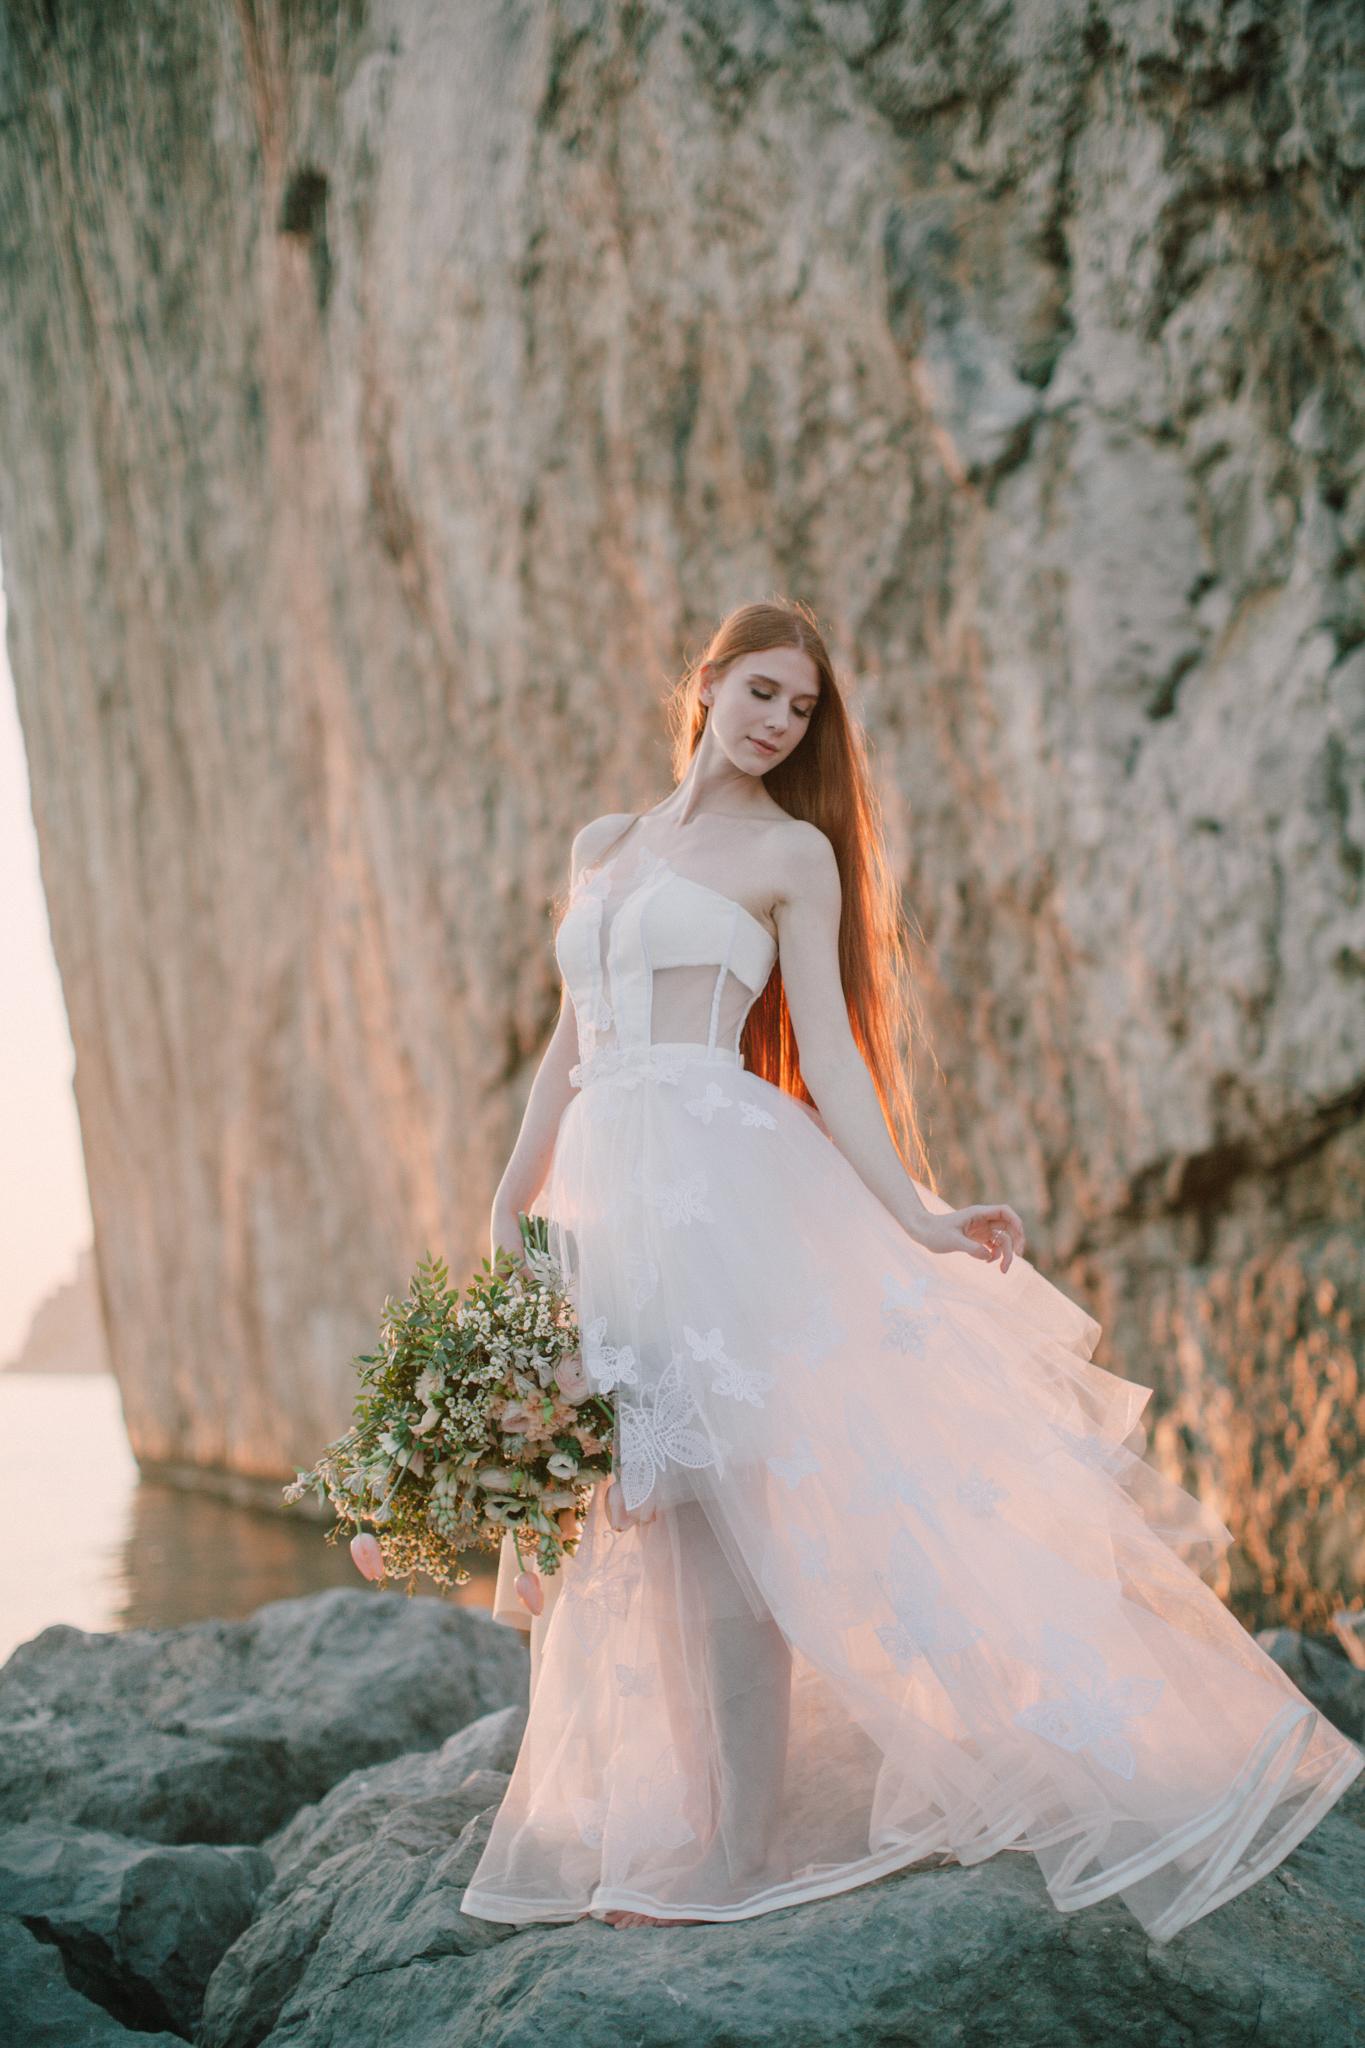 Matej&Katarina Weddings